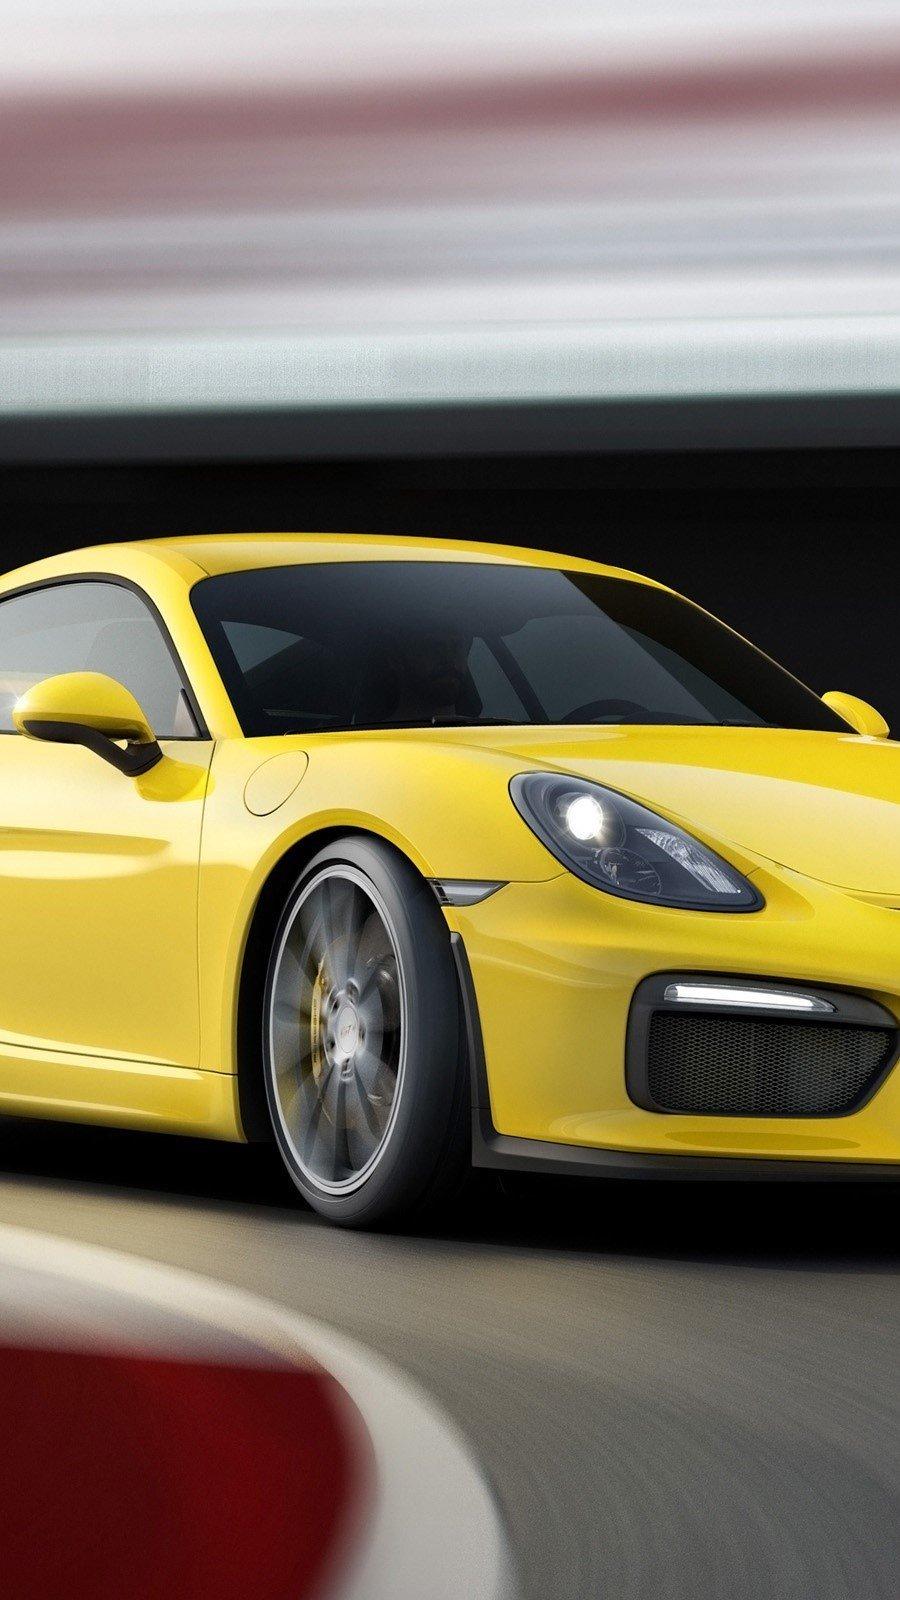 Fondos de pantalla Porsche Cayman GT4 Vertical